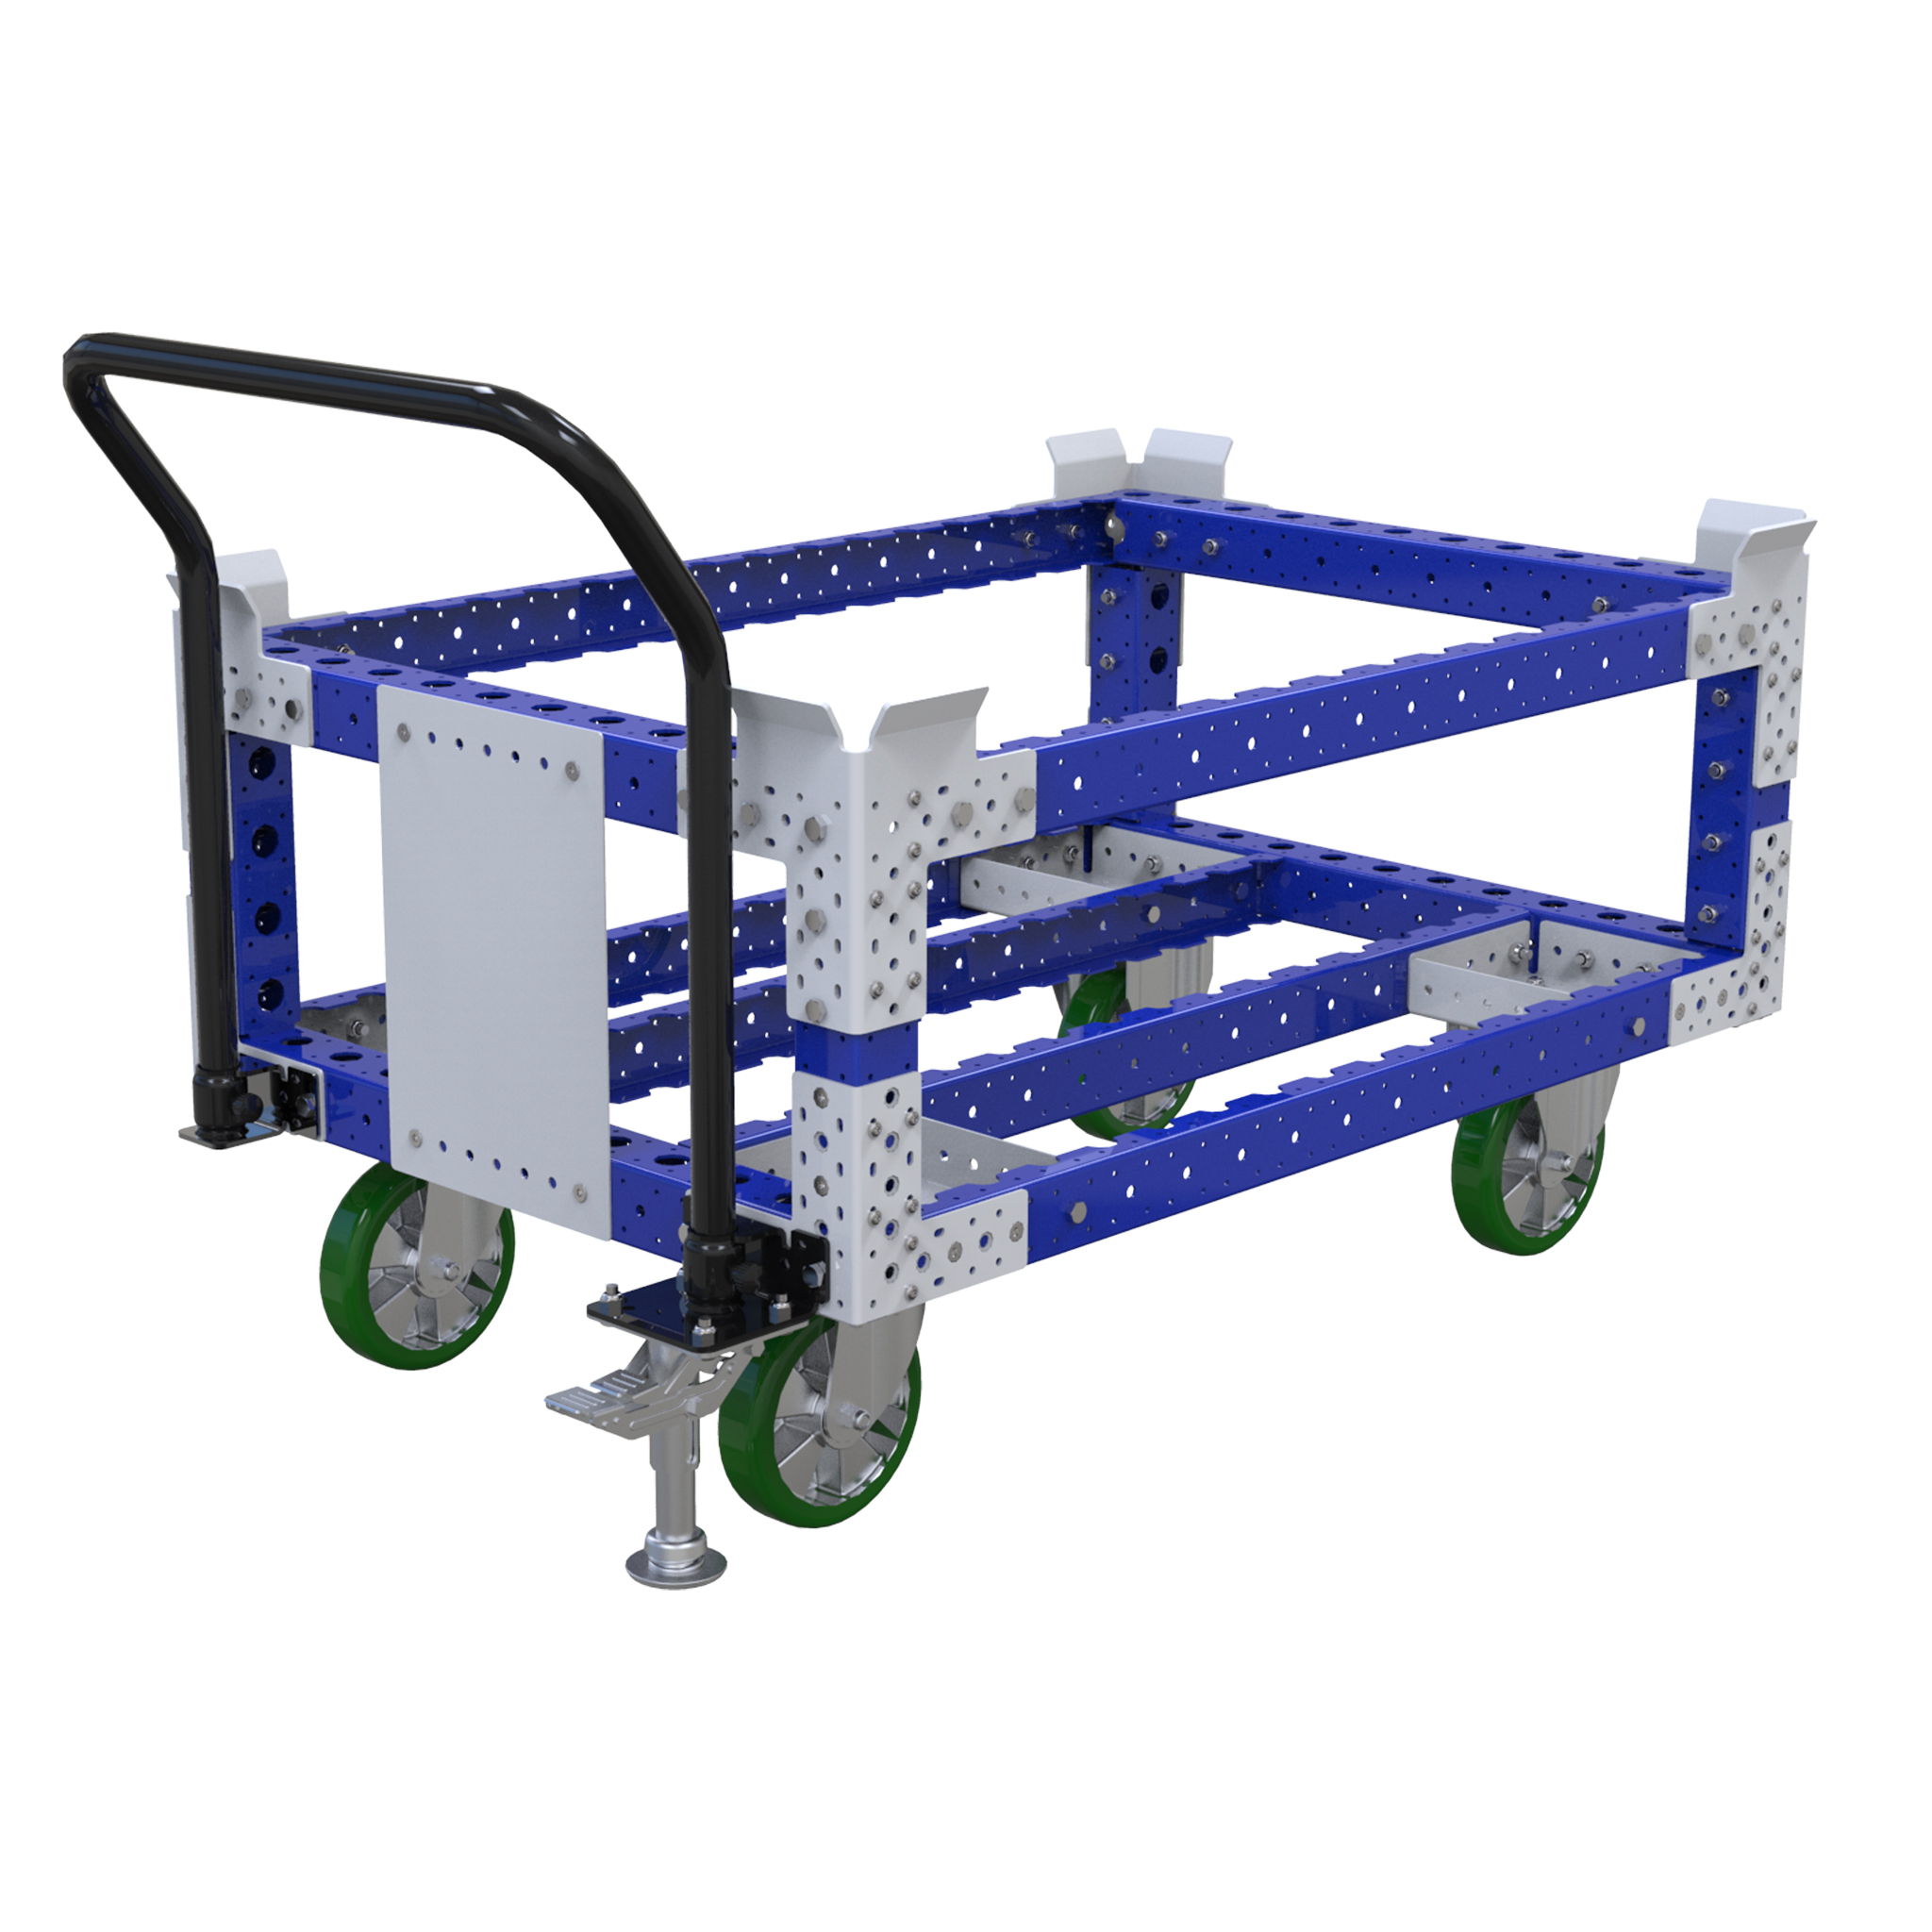 Pallet Trolley - 840 x 1260 mm